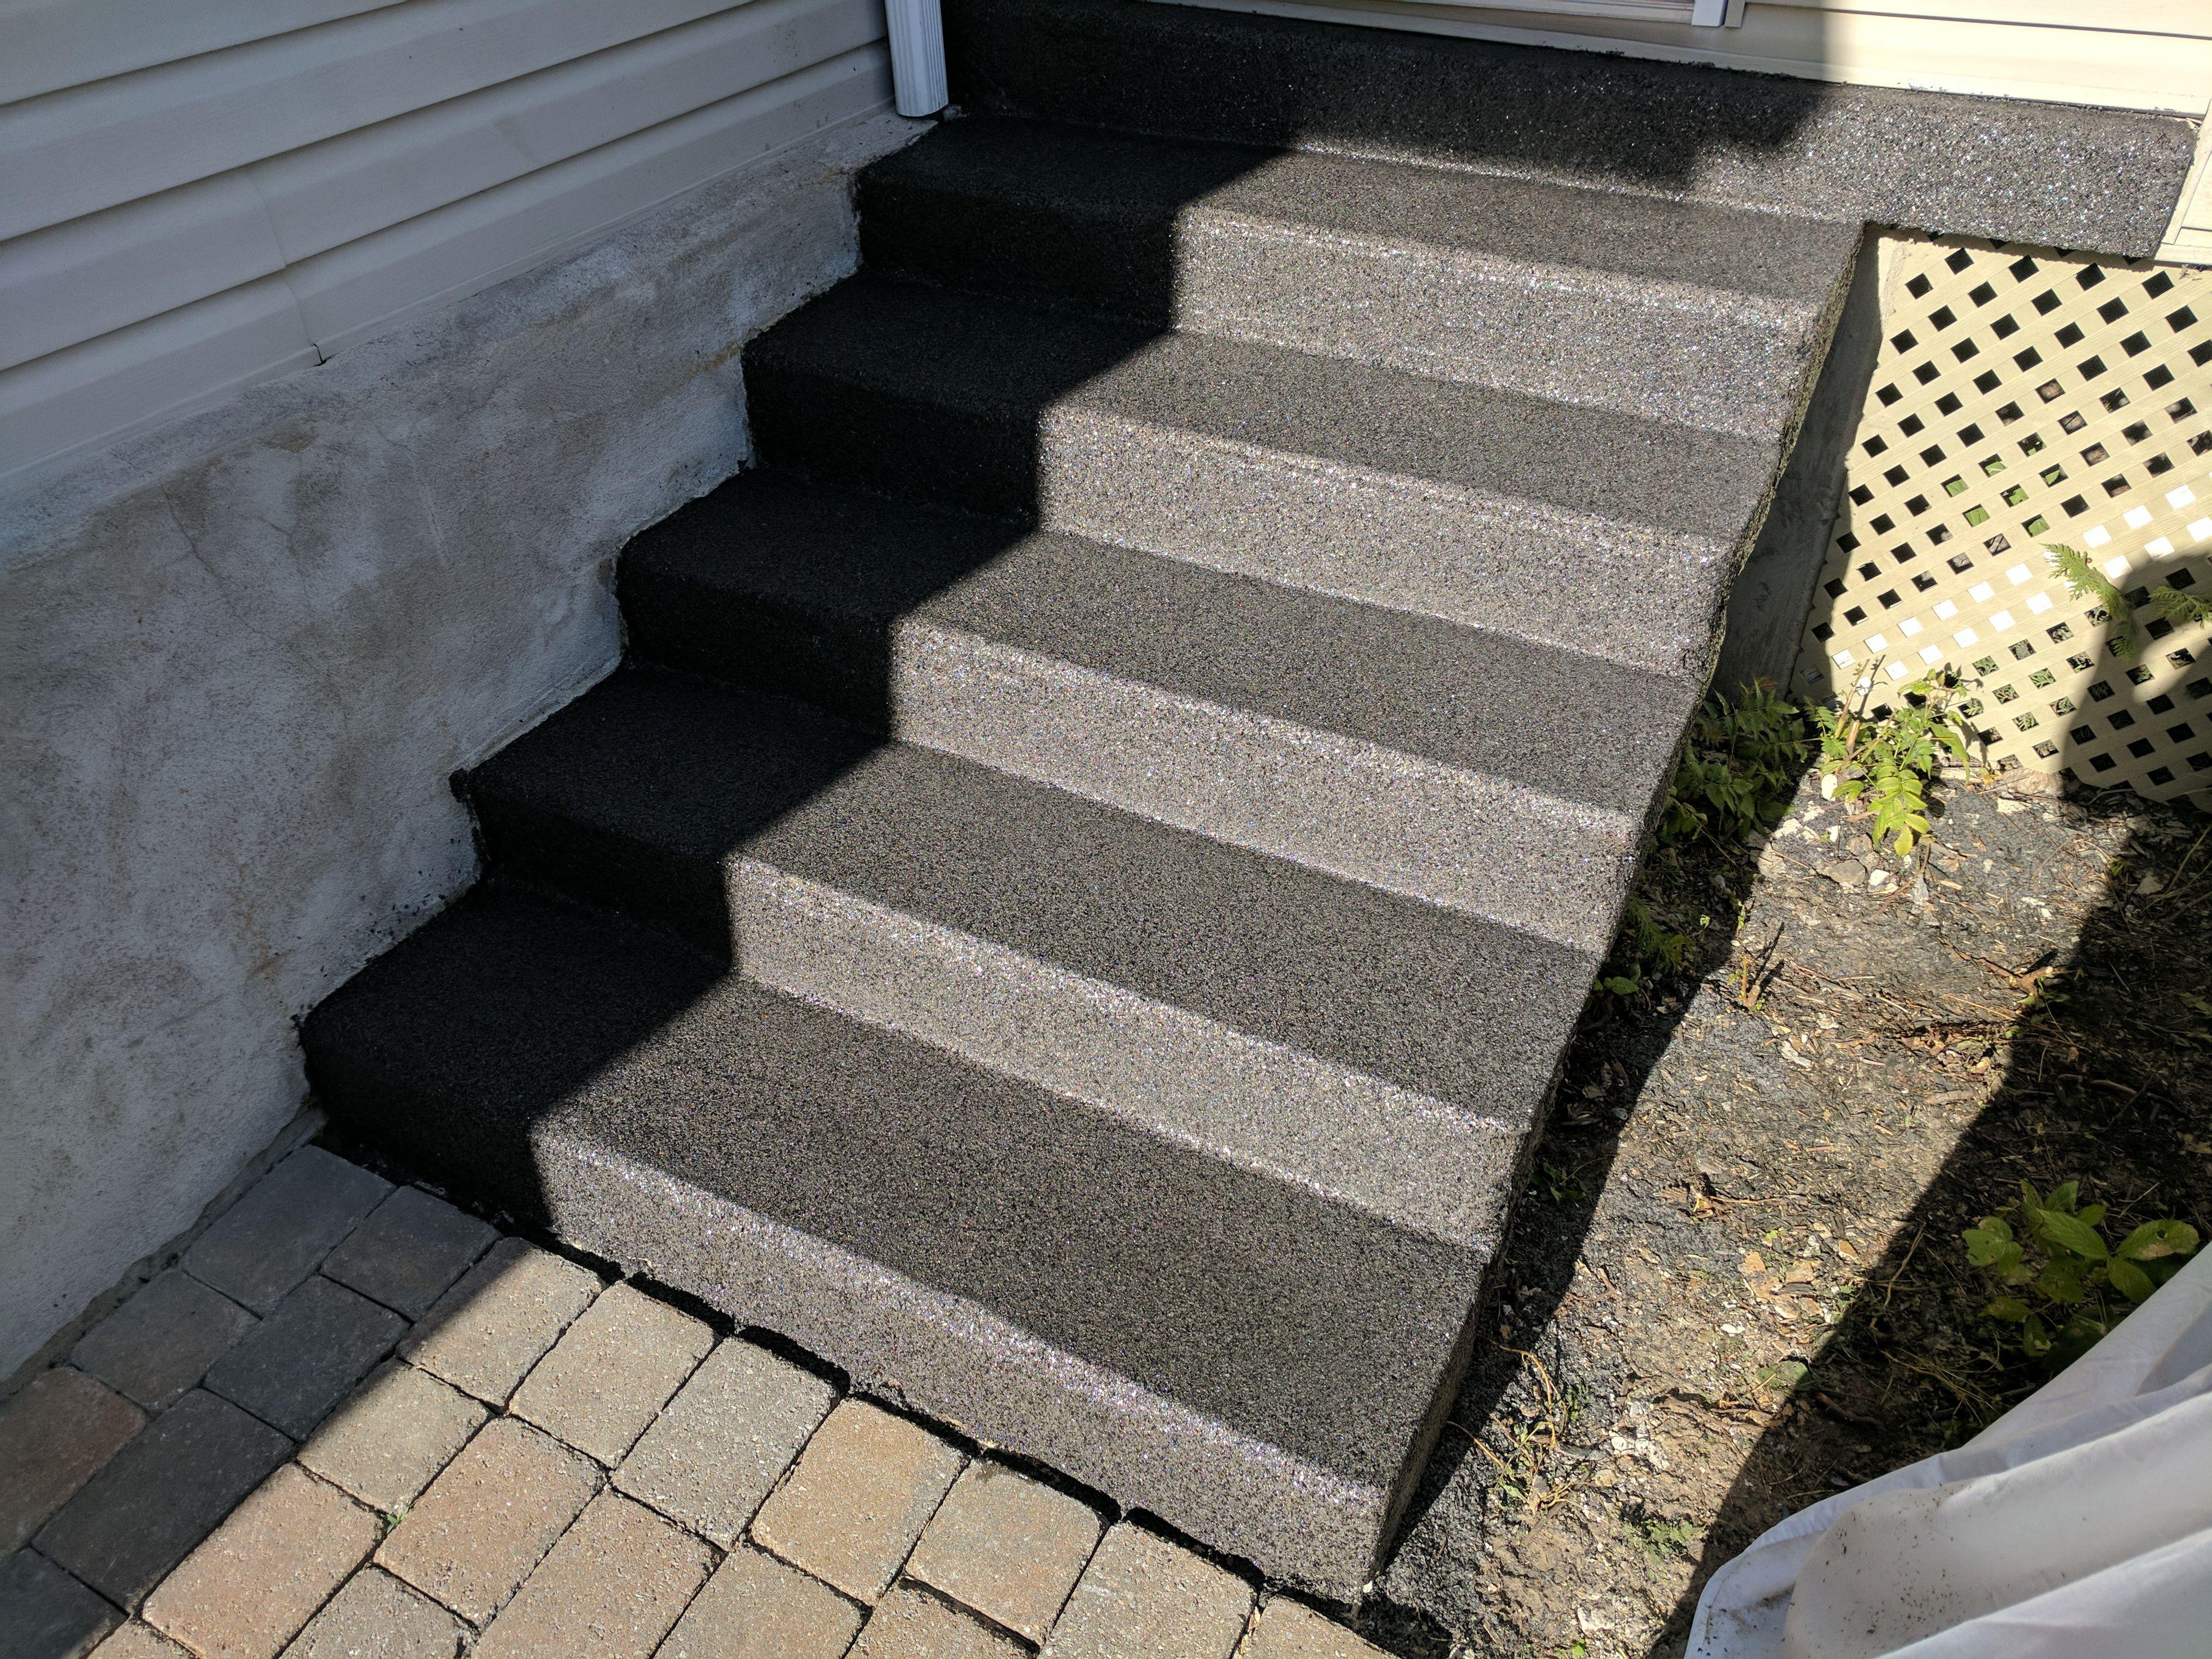 Des Escaliers Exterieurs Resistants Aux Intemperies Grace A Une Revetement En Beton Stair Stairs Concrete Concretefloor Surface Home Decor Stairs Decor